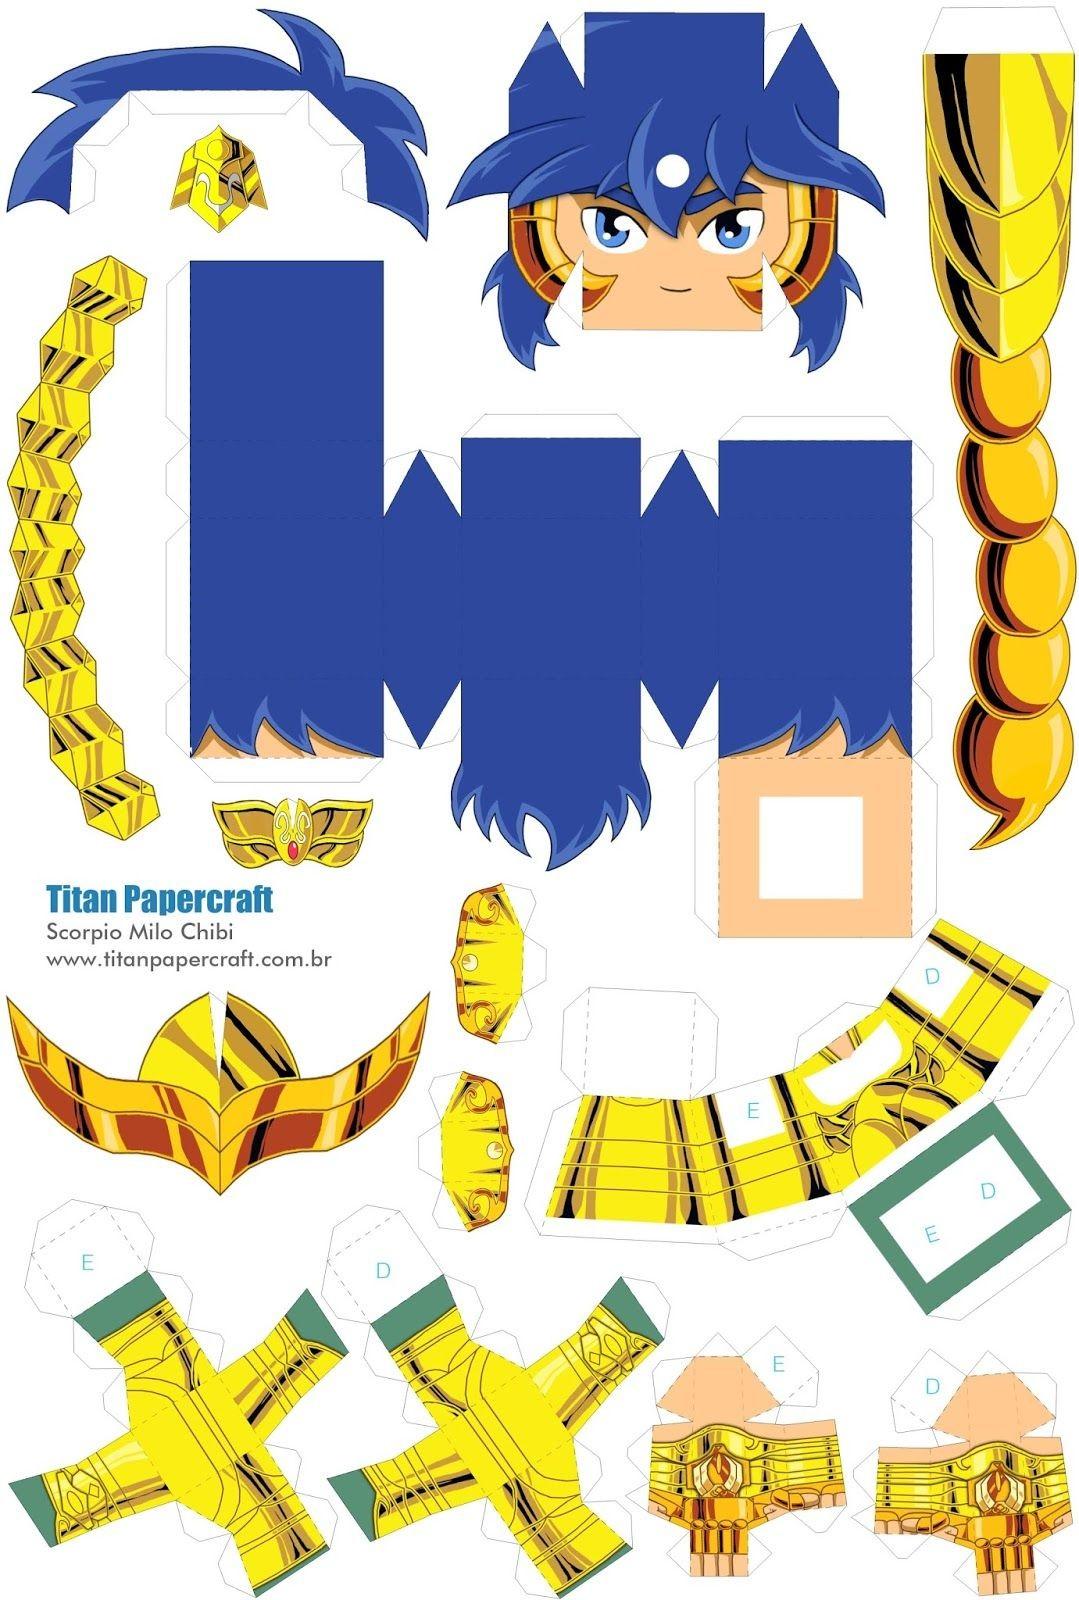 Papercraft Luigi Monte E Colecione Papercraft De Seus Personagens Preferidos